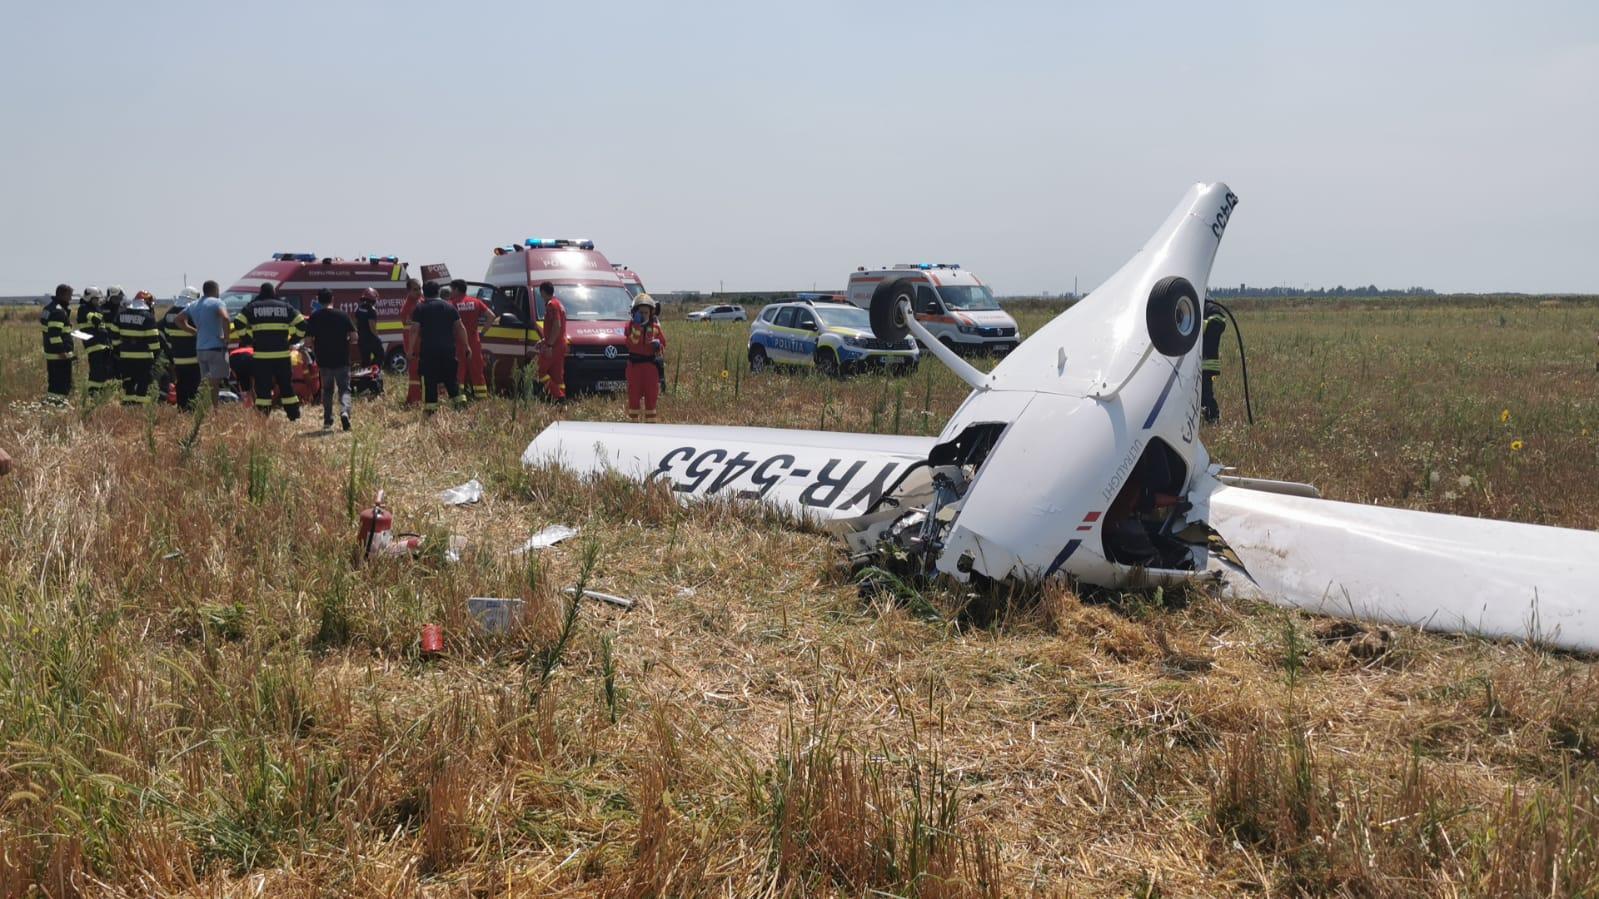 Un avion ușor s-a prăbușit în Chitila, două persoane au fost rănite. Pilotul s-a mai prăbușit o dată, în 2014 VIDEO